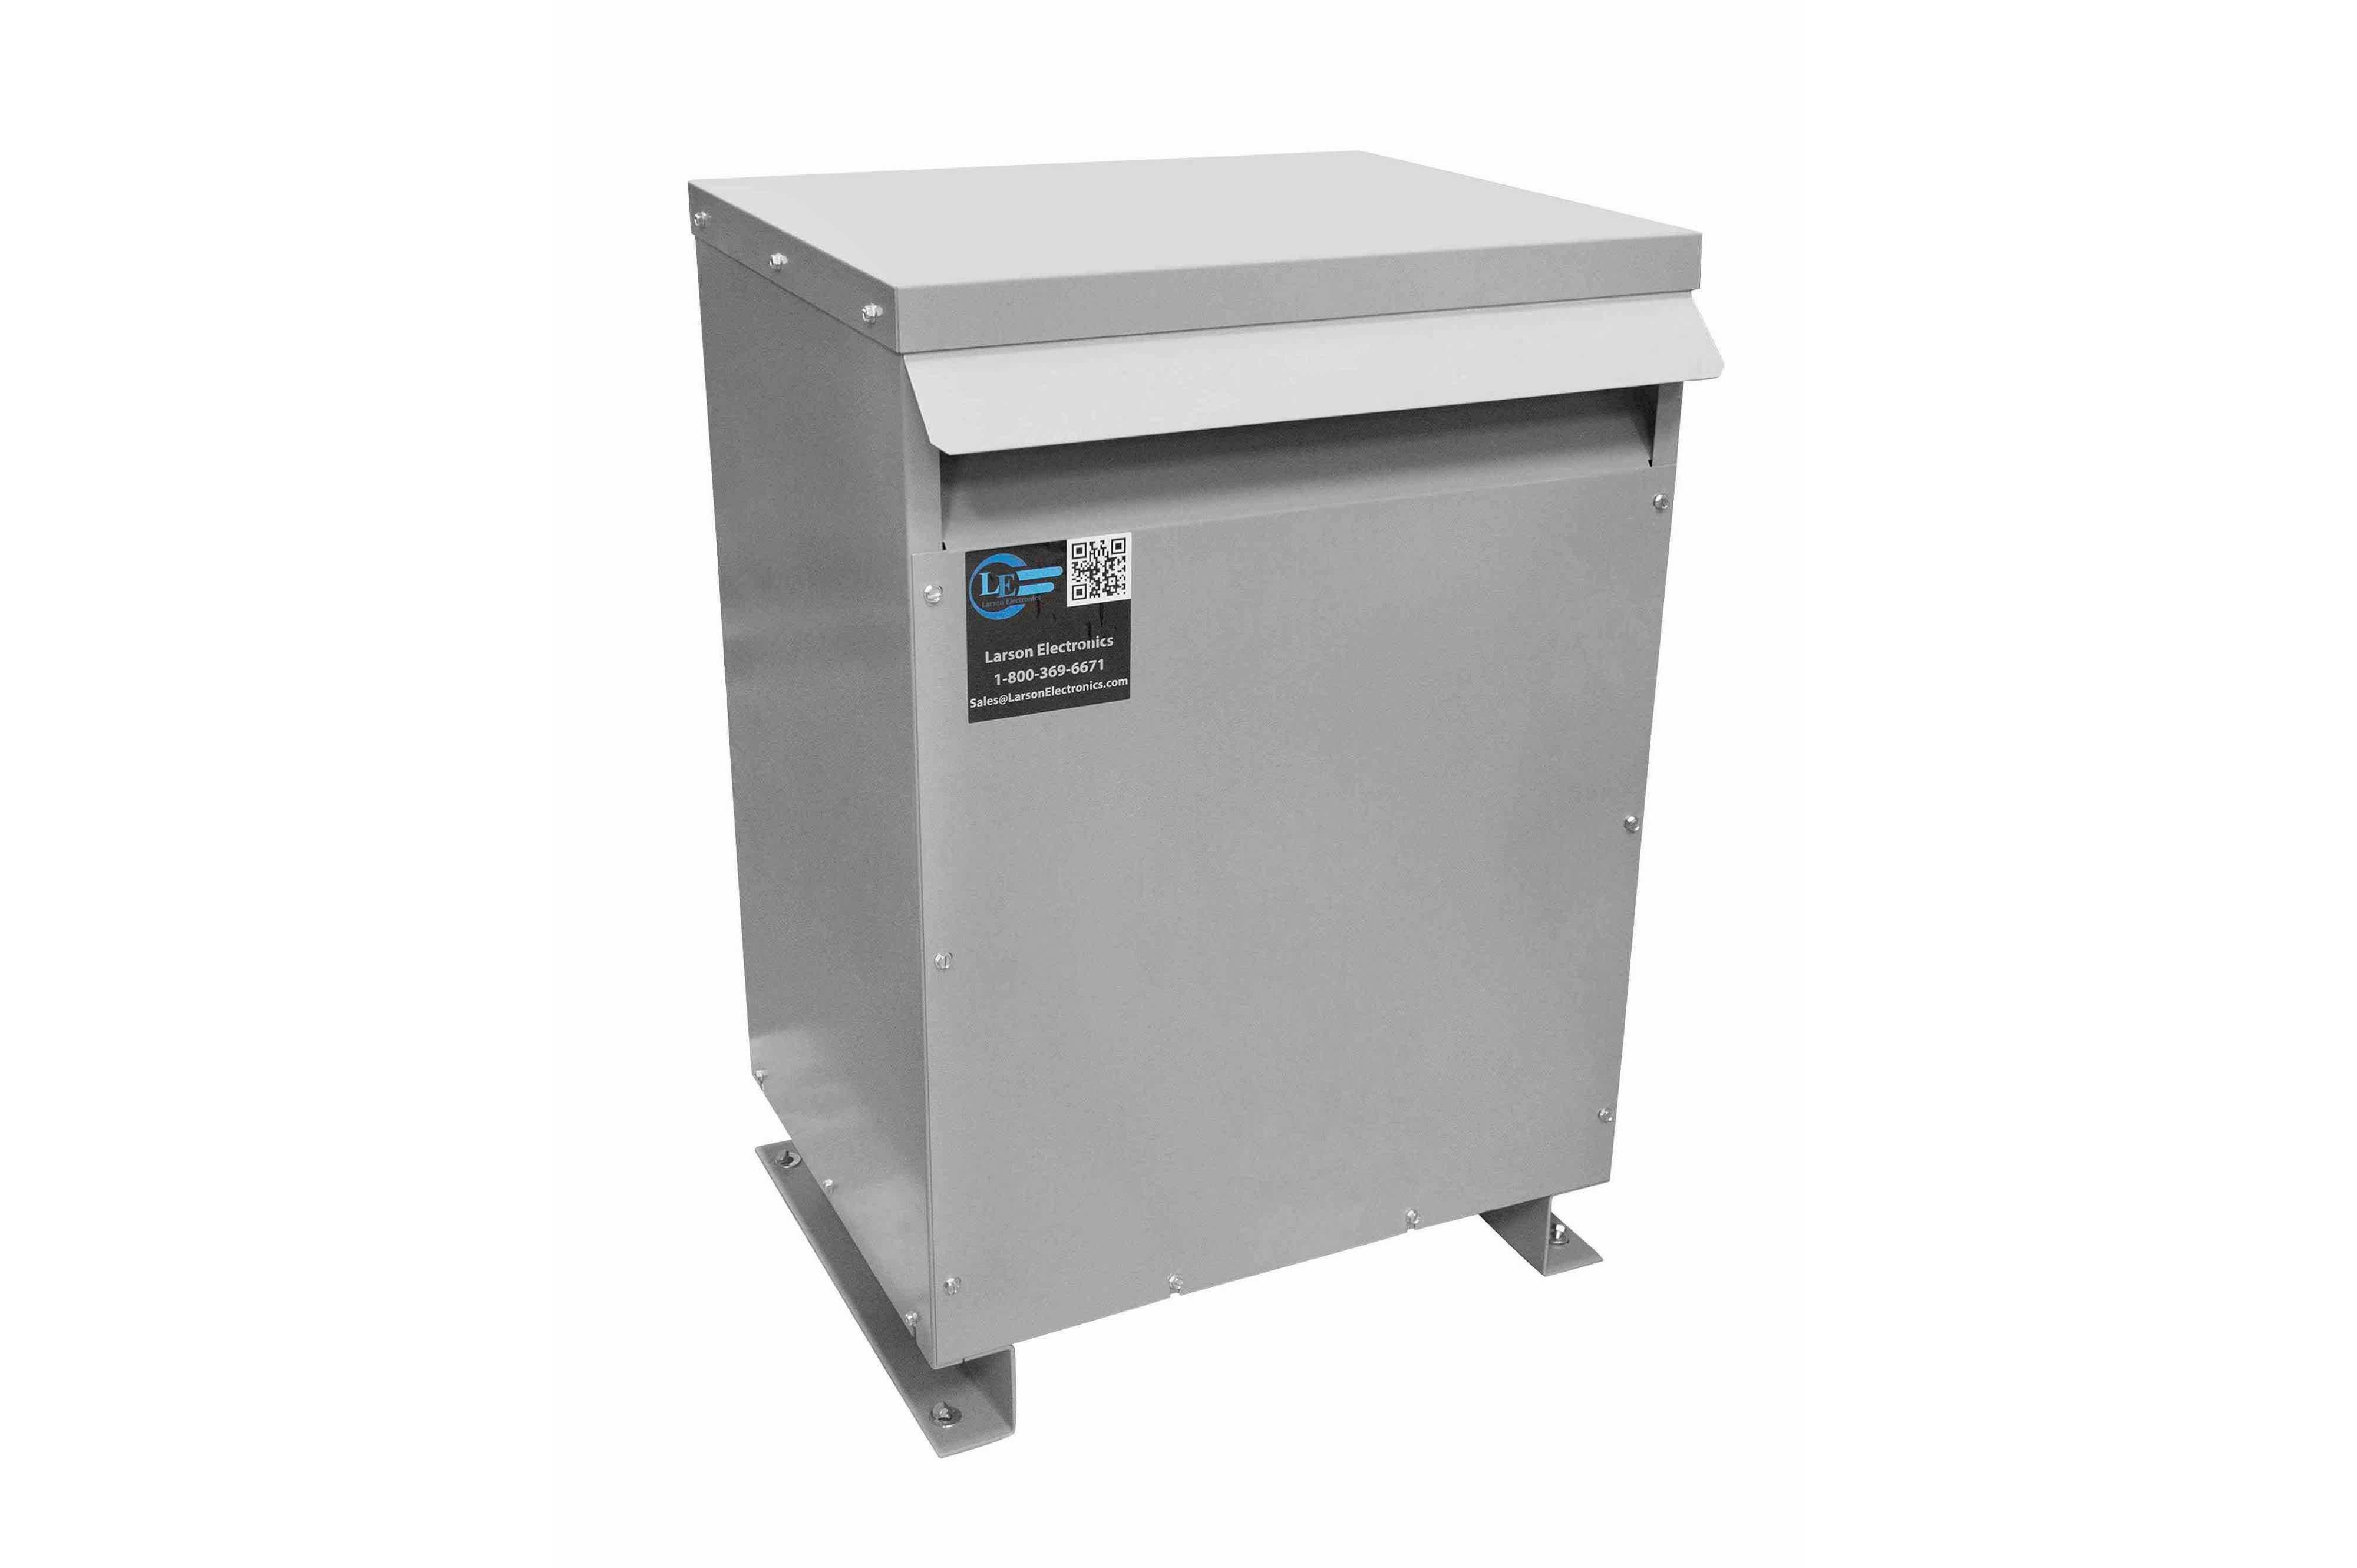 42.5 kVA 3PH Isolation Transformer, 600V Delta Primary, 460V Delta Secondary, N3R, Ventilated, 60 Hz